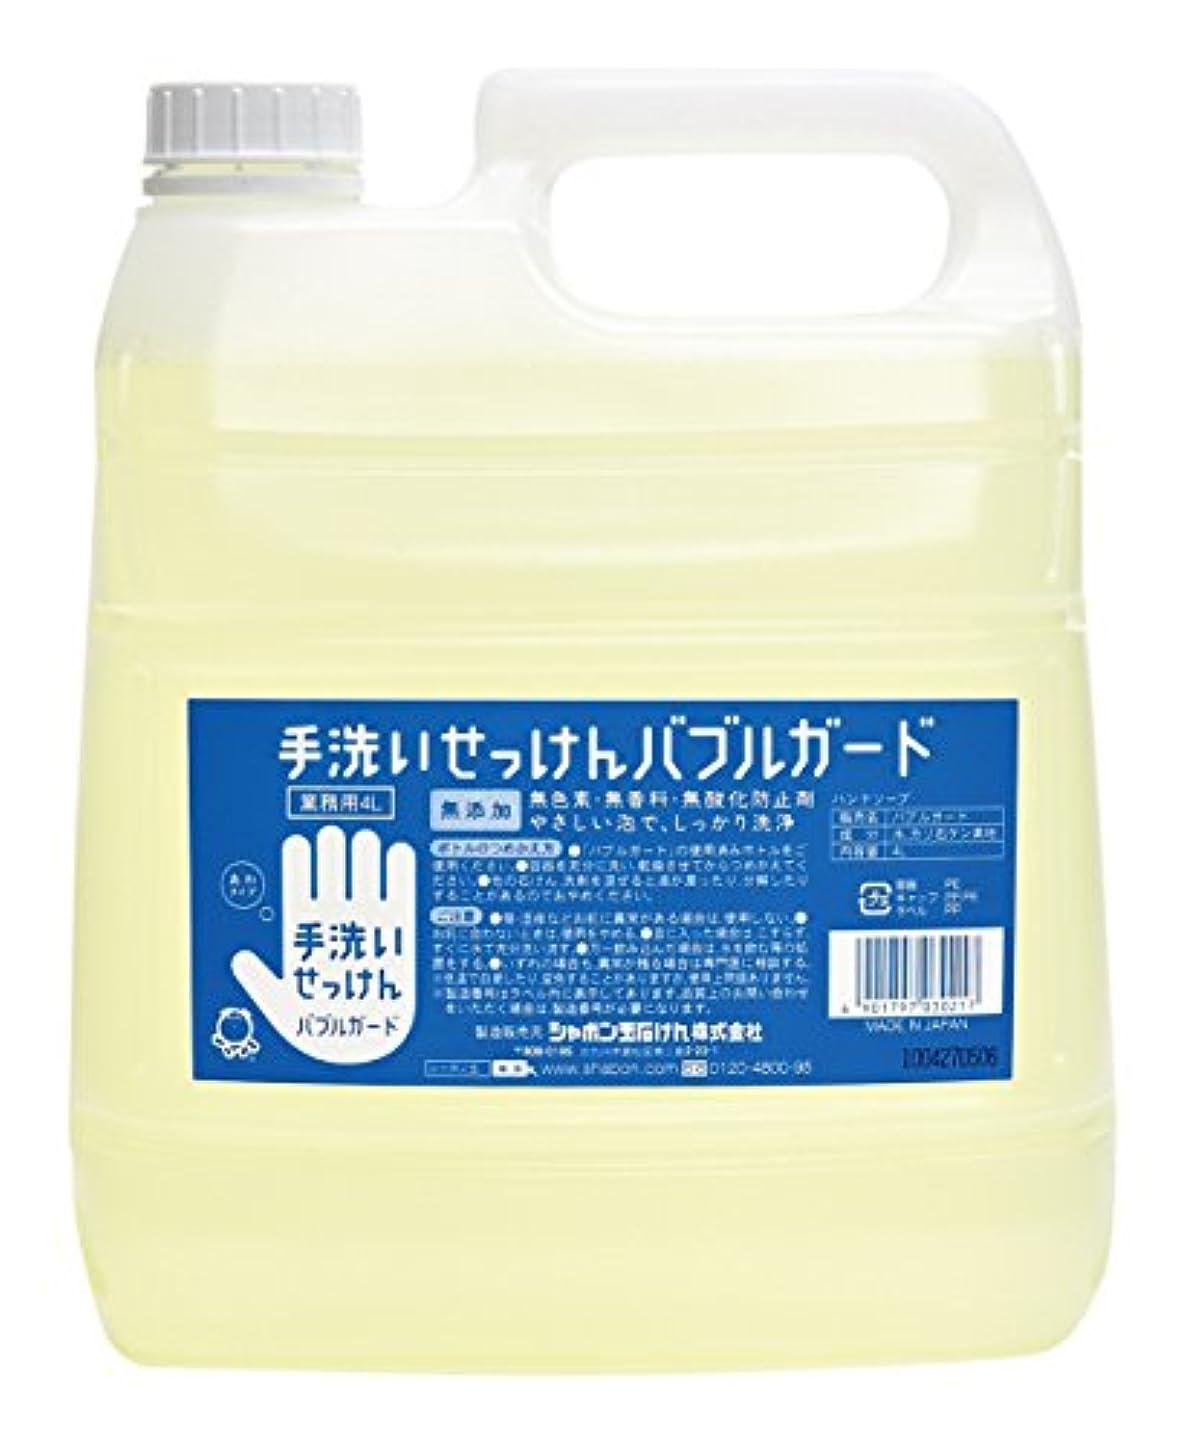 スペースパイプライン名声【大容量】 シャボン玉 バブルガード 業務用 4L